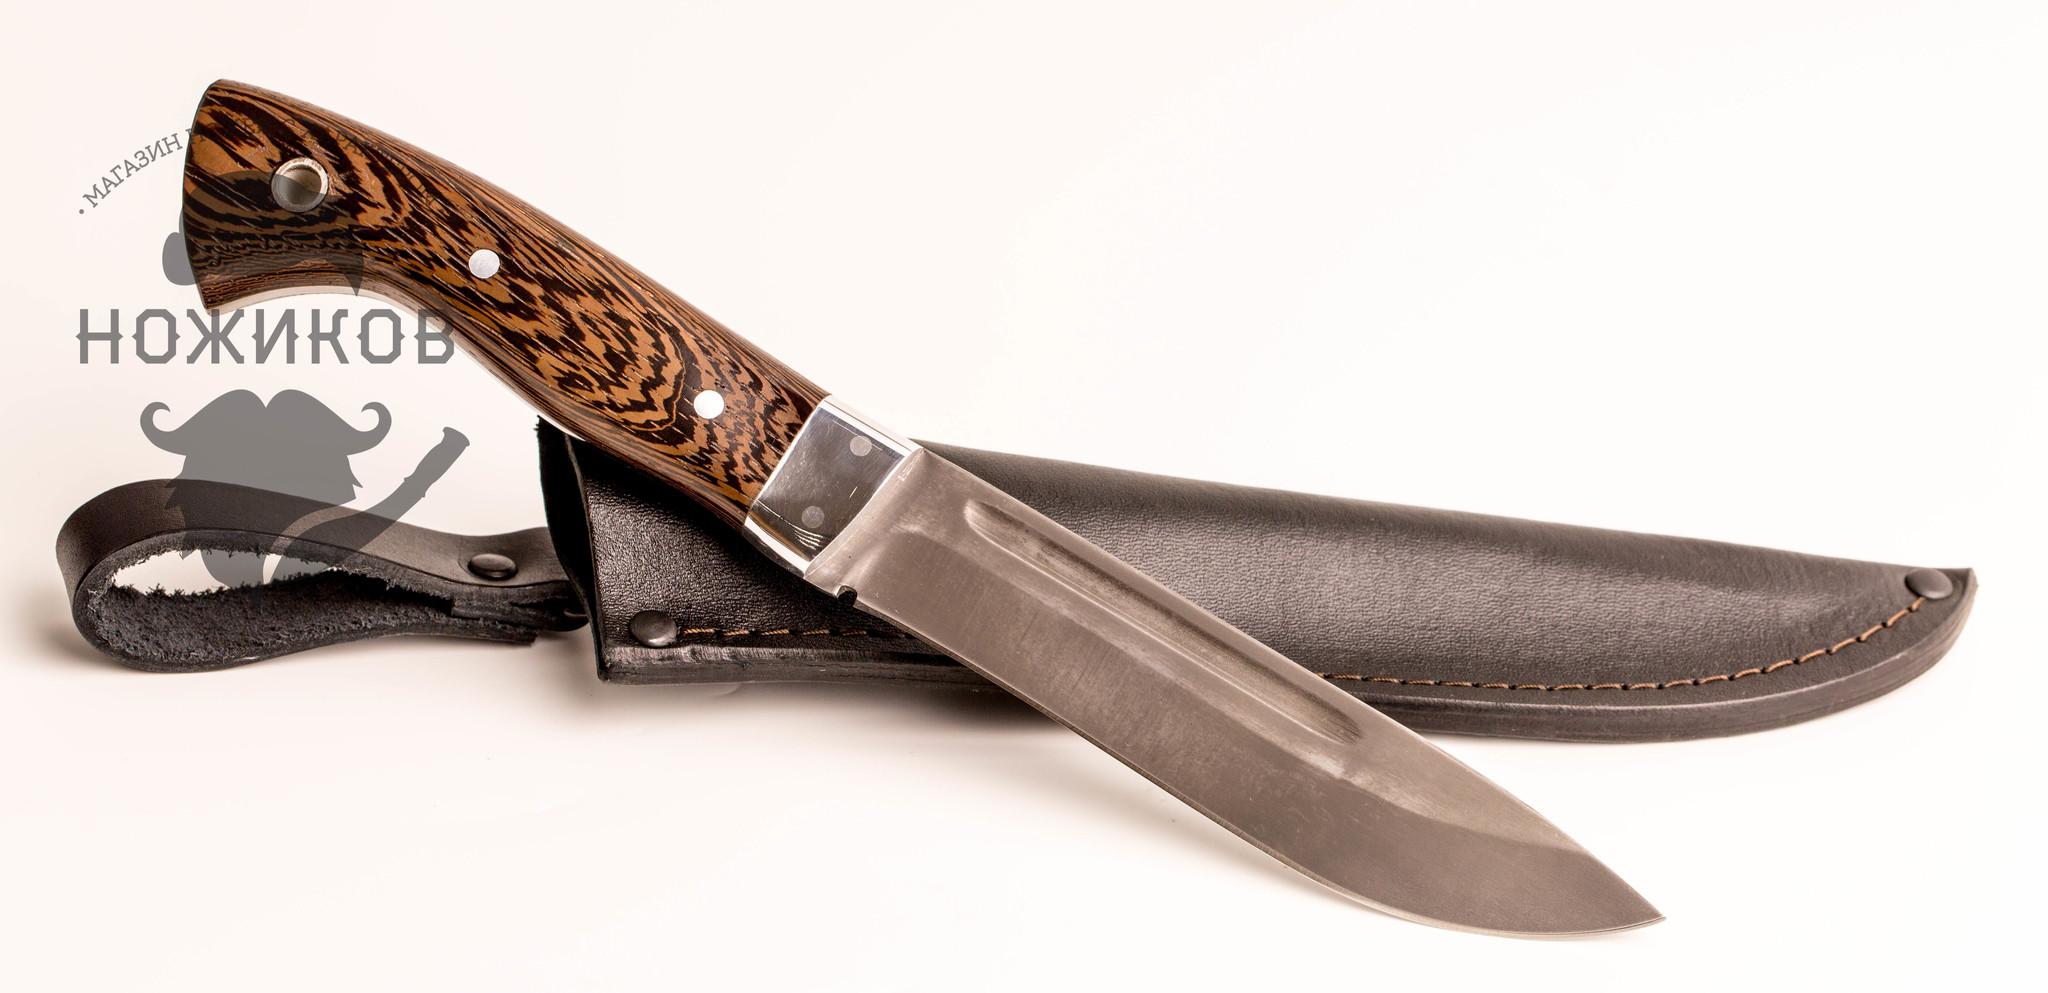 Фото 12 - Нож МТ-7, цельнометаллический Х12МФ, венге, Ворсма